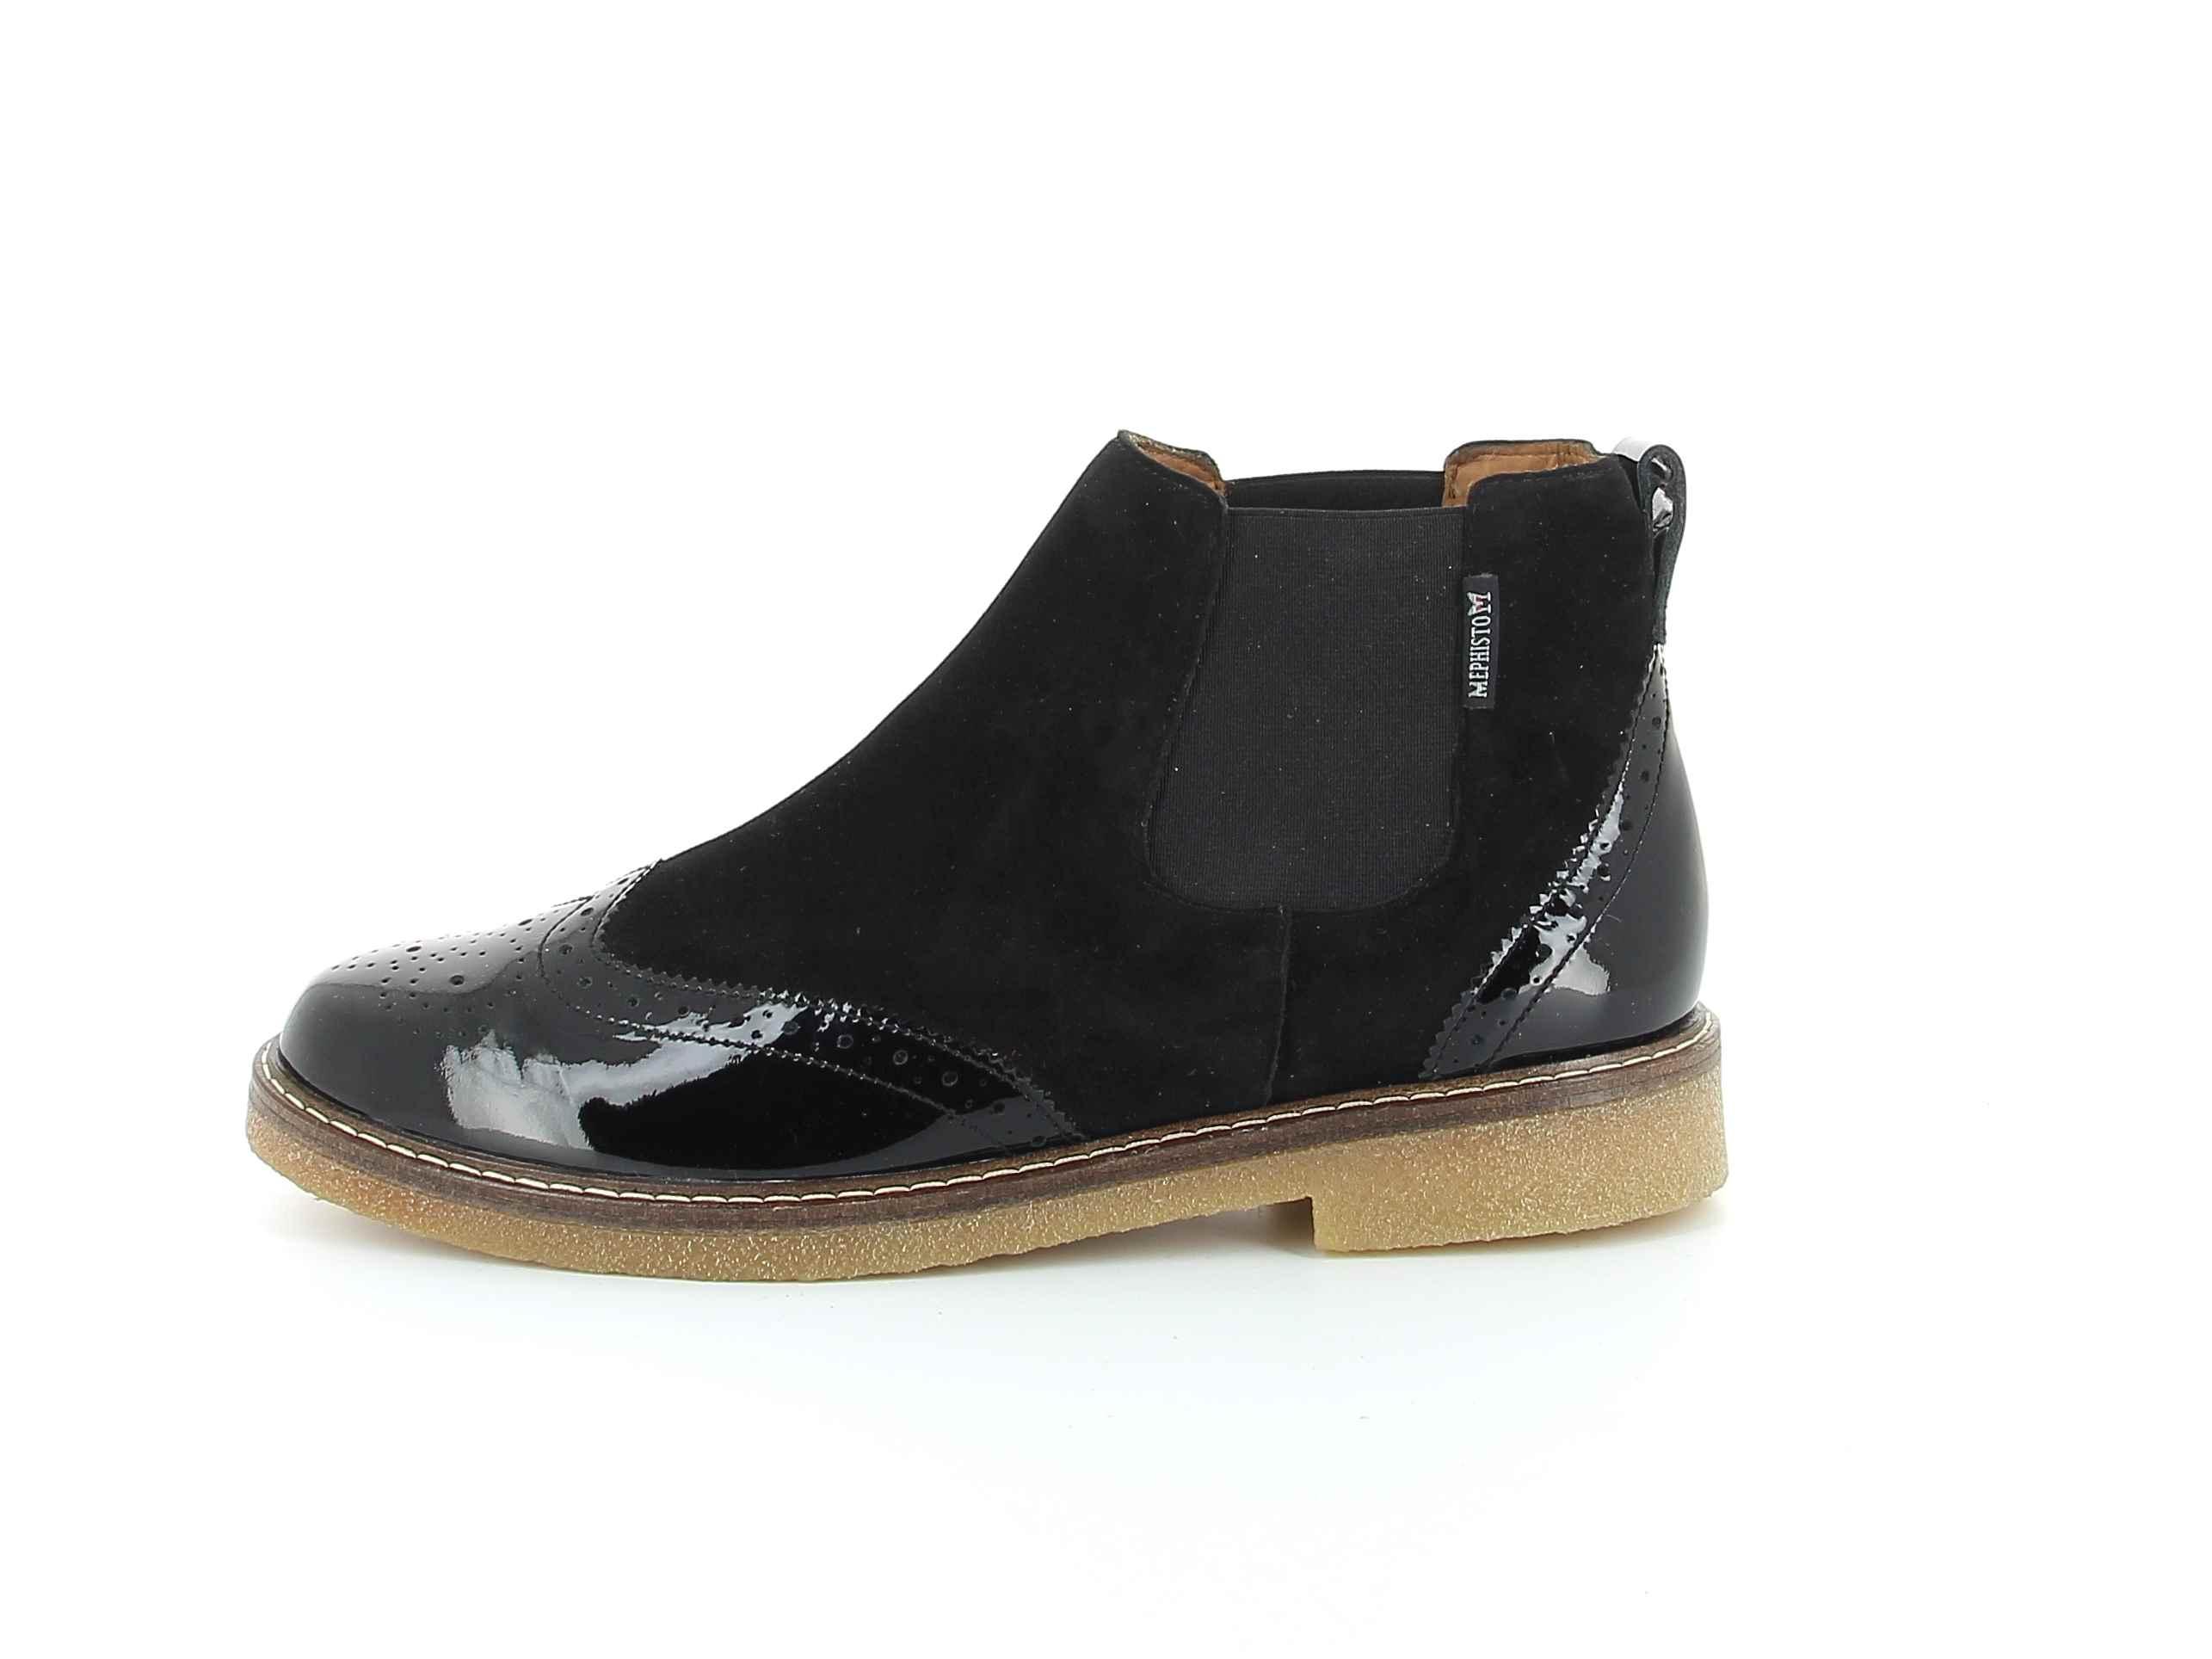 style de la mode de 2019 date de sortie Livraison gratuite dans le monde entier Mephisto-Shop chaussures confortables bottines femme ...